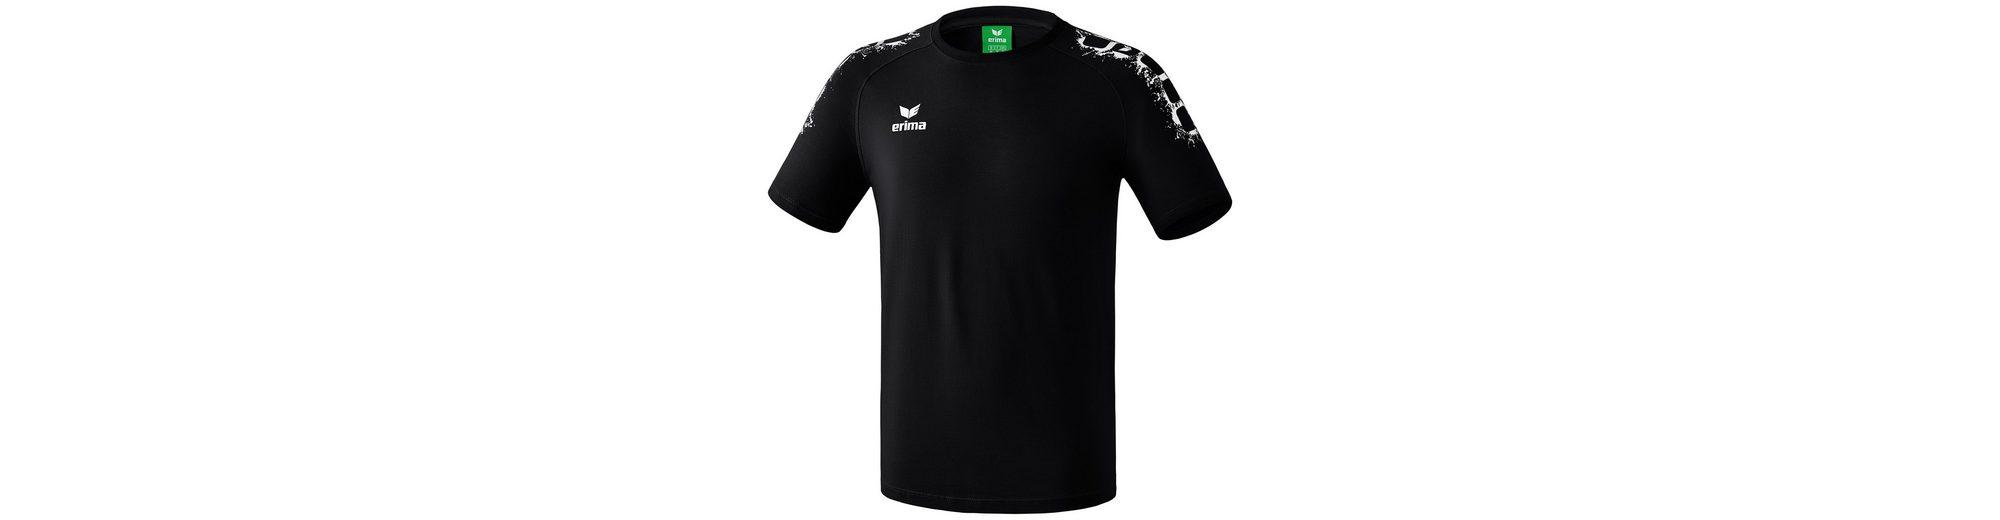 Authentisch Zu Verkaufen ERIMA Graffic 5-C Basic T-Shirt Herren Günstiger Preis Großhandelspreis Verkauf Der Neuen Ankunft 0Yyszb9